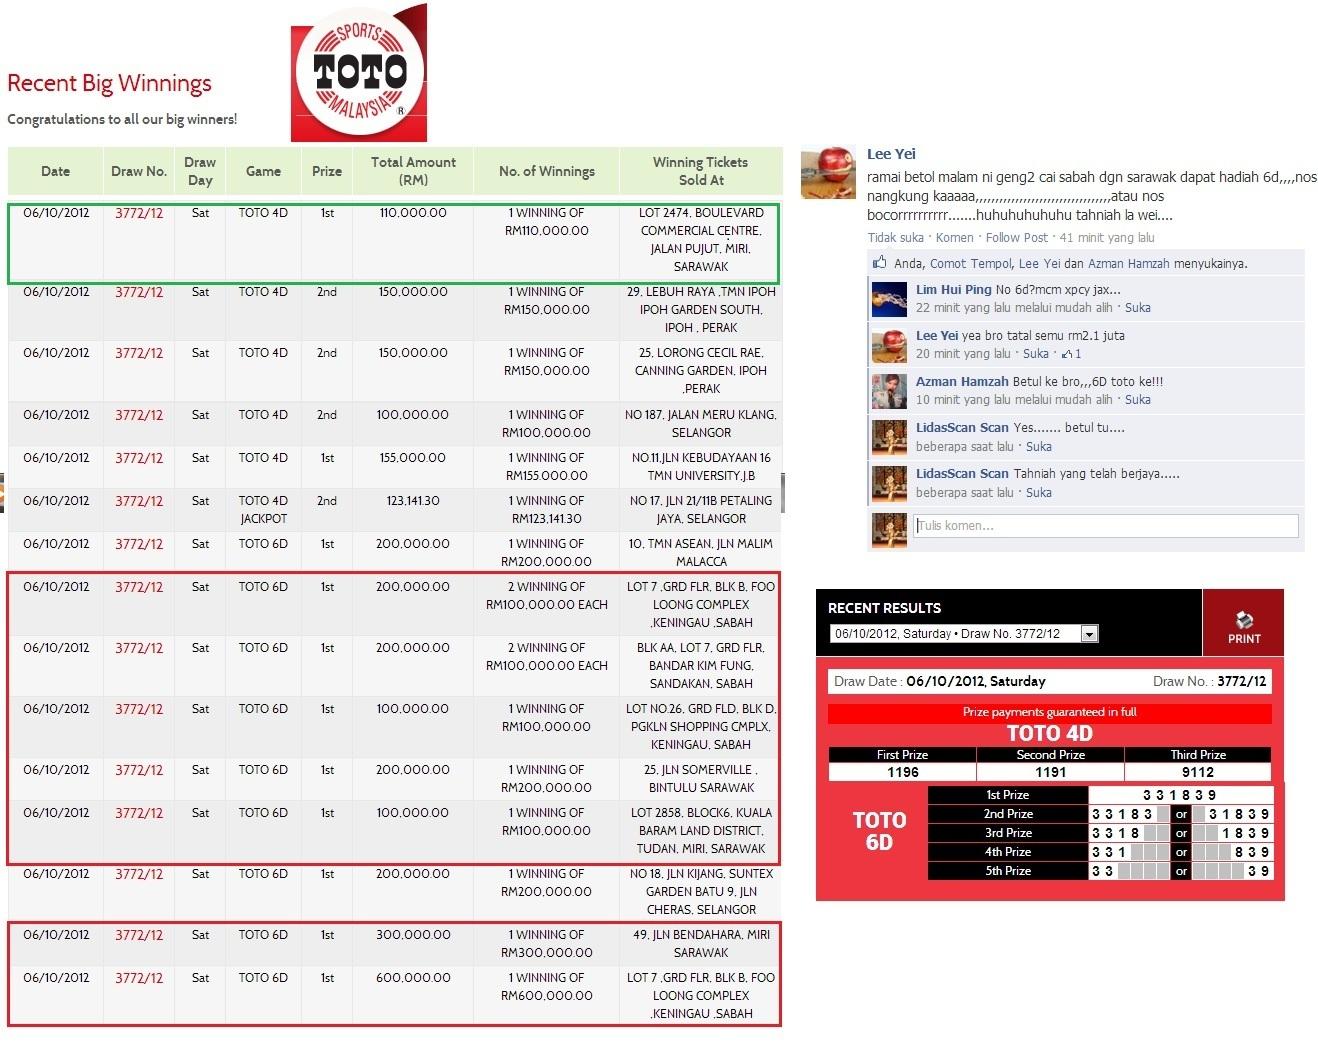 dicatat oleh lidas scan di 10 07 2012 12 07 00 pg 0 ulasan e melkan